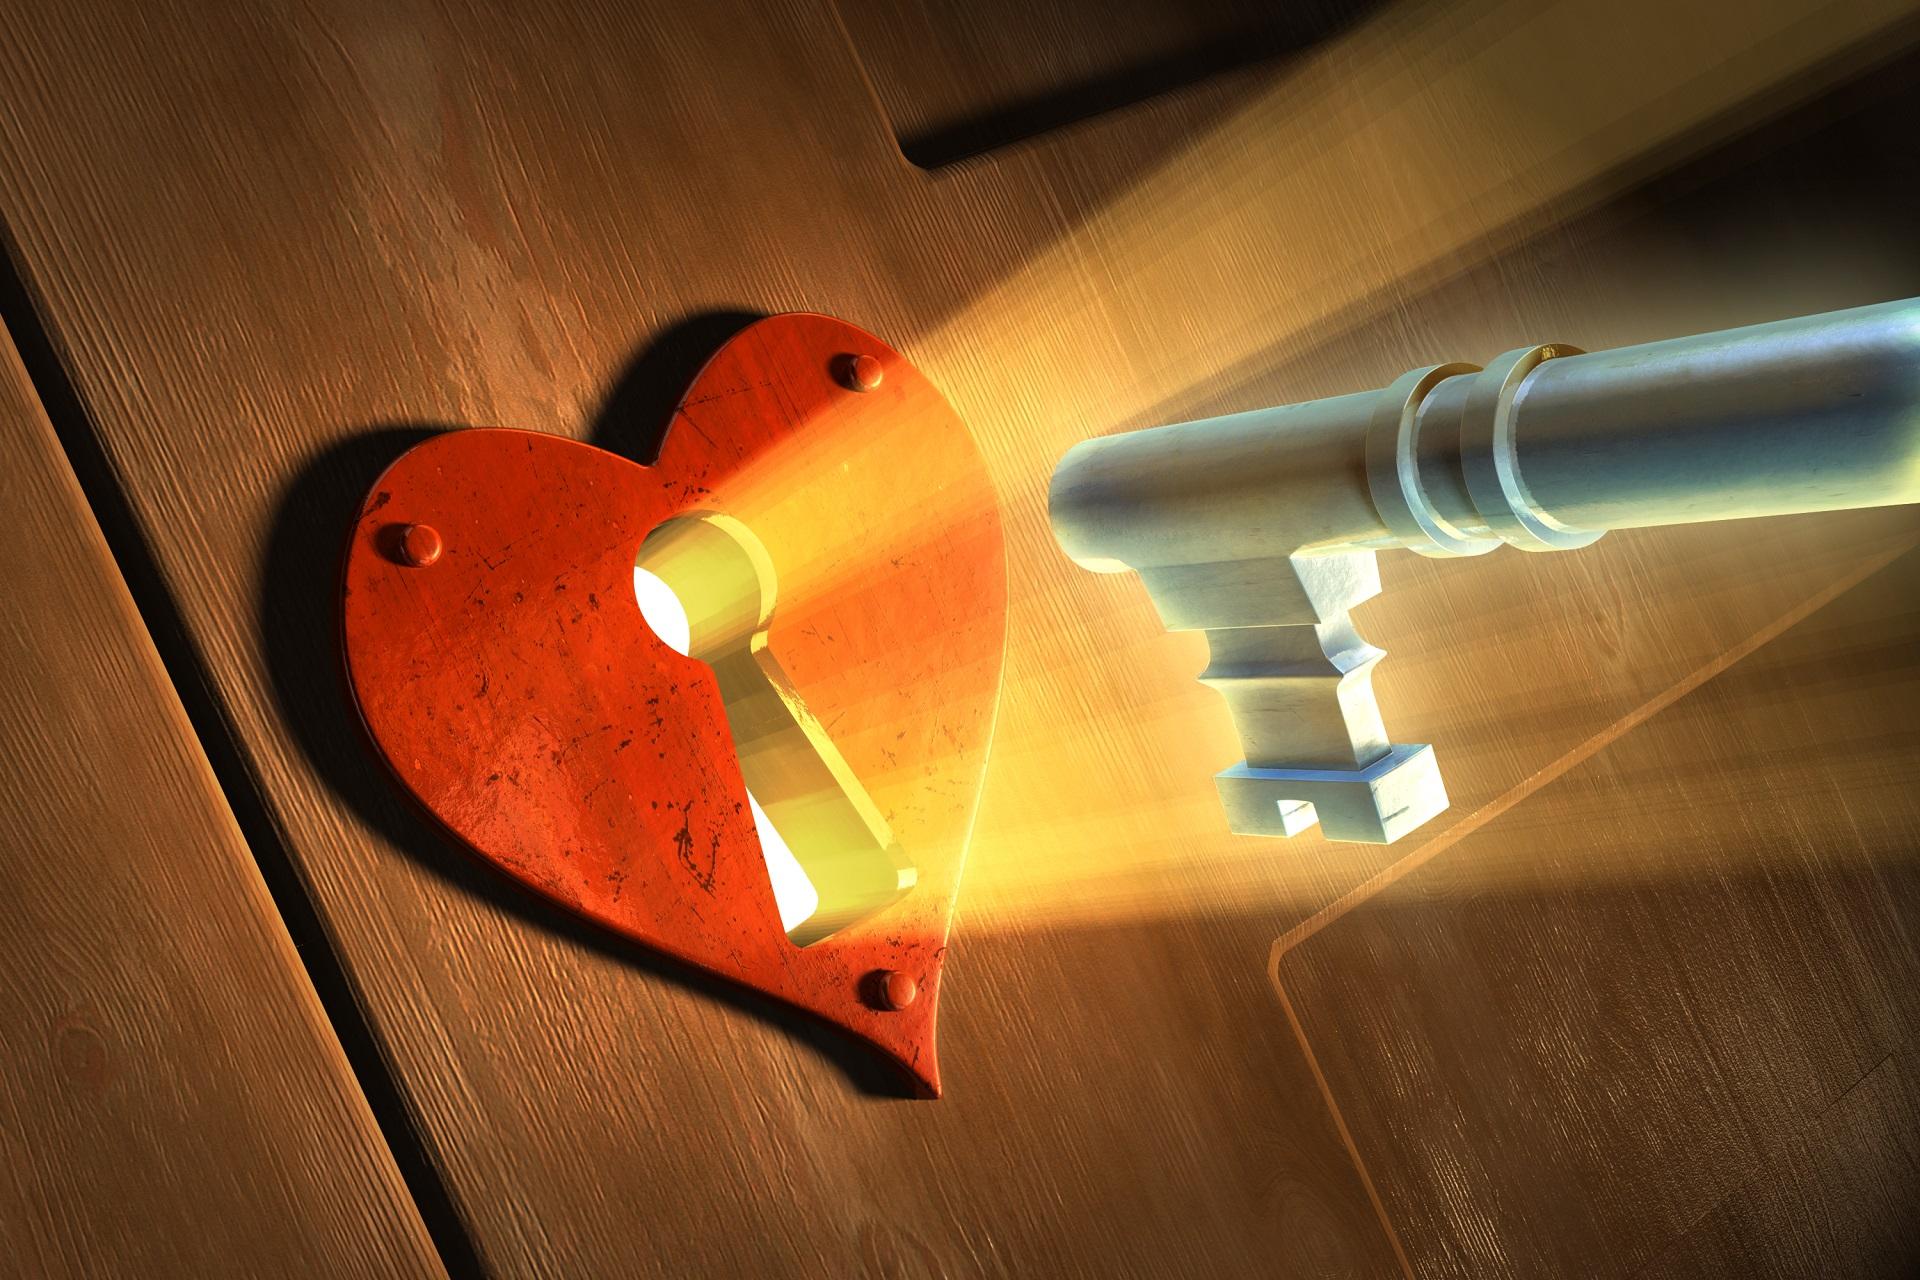 Цитаты о любви от Ошо, Ошо Лучшие Цитаты о любви, Ошо Лучшие цитаты про любовь, цитаты о любви и одиночестве.